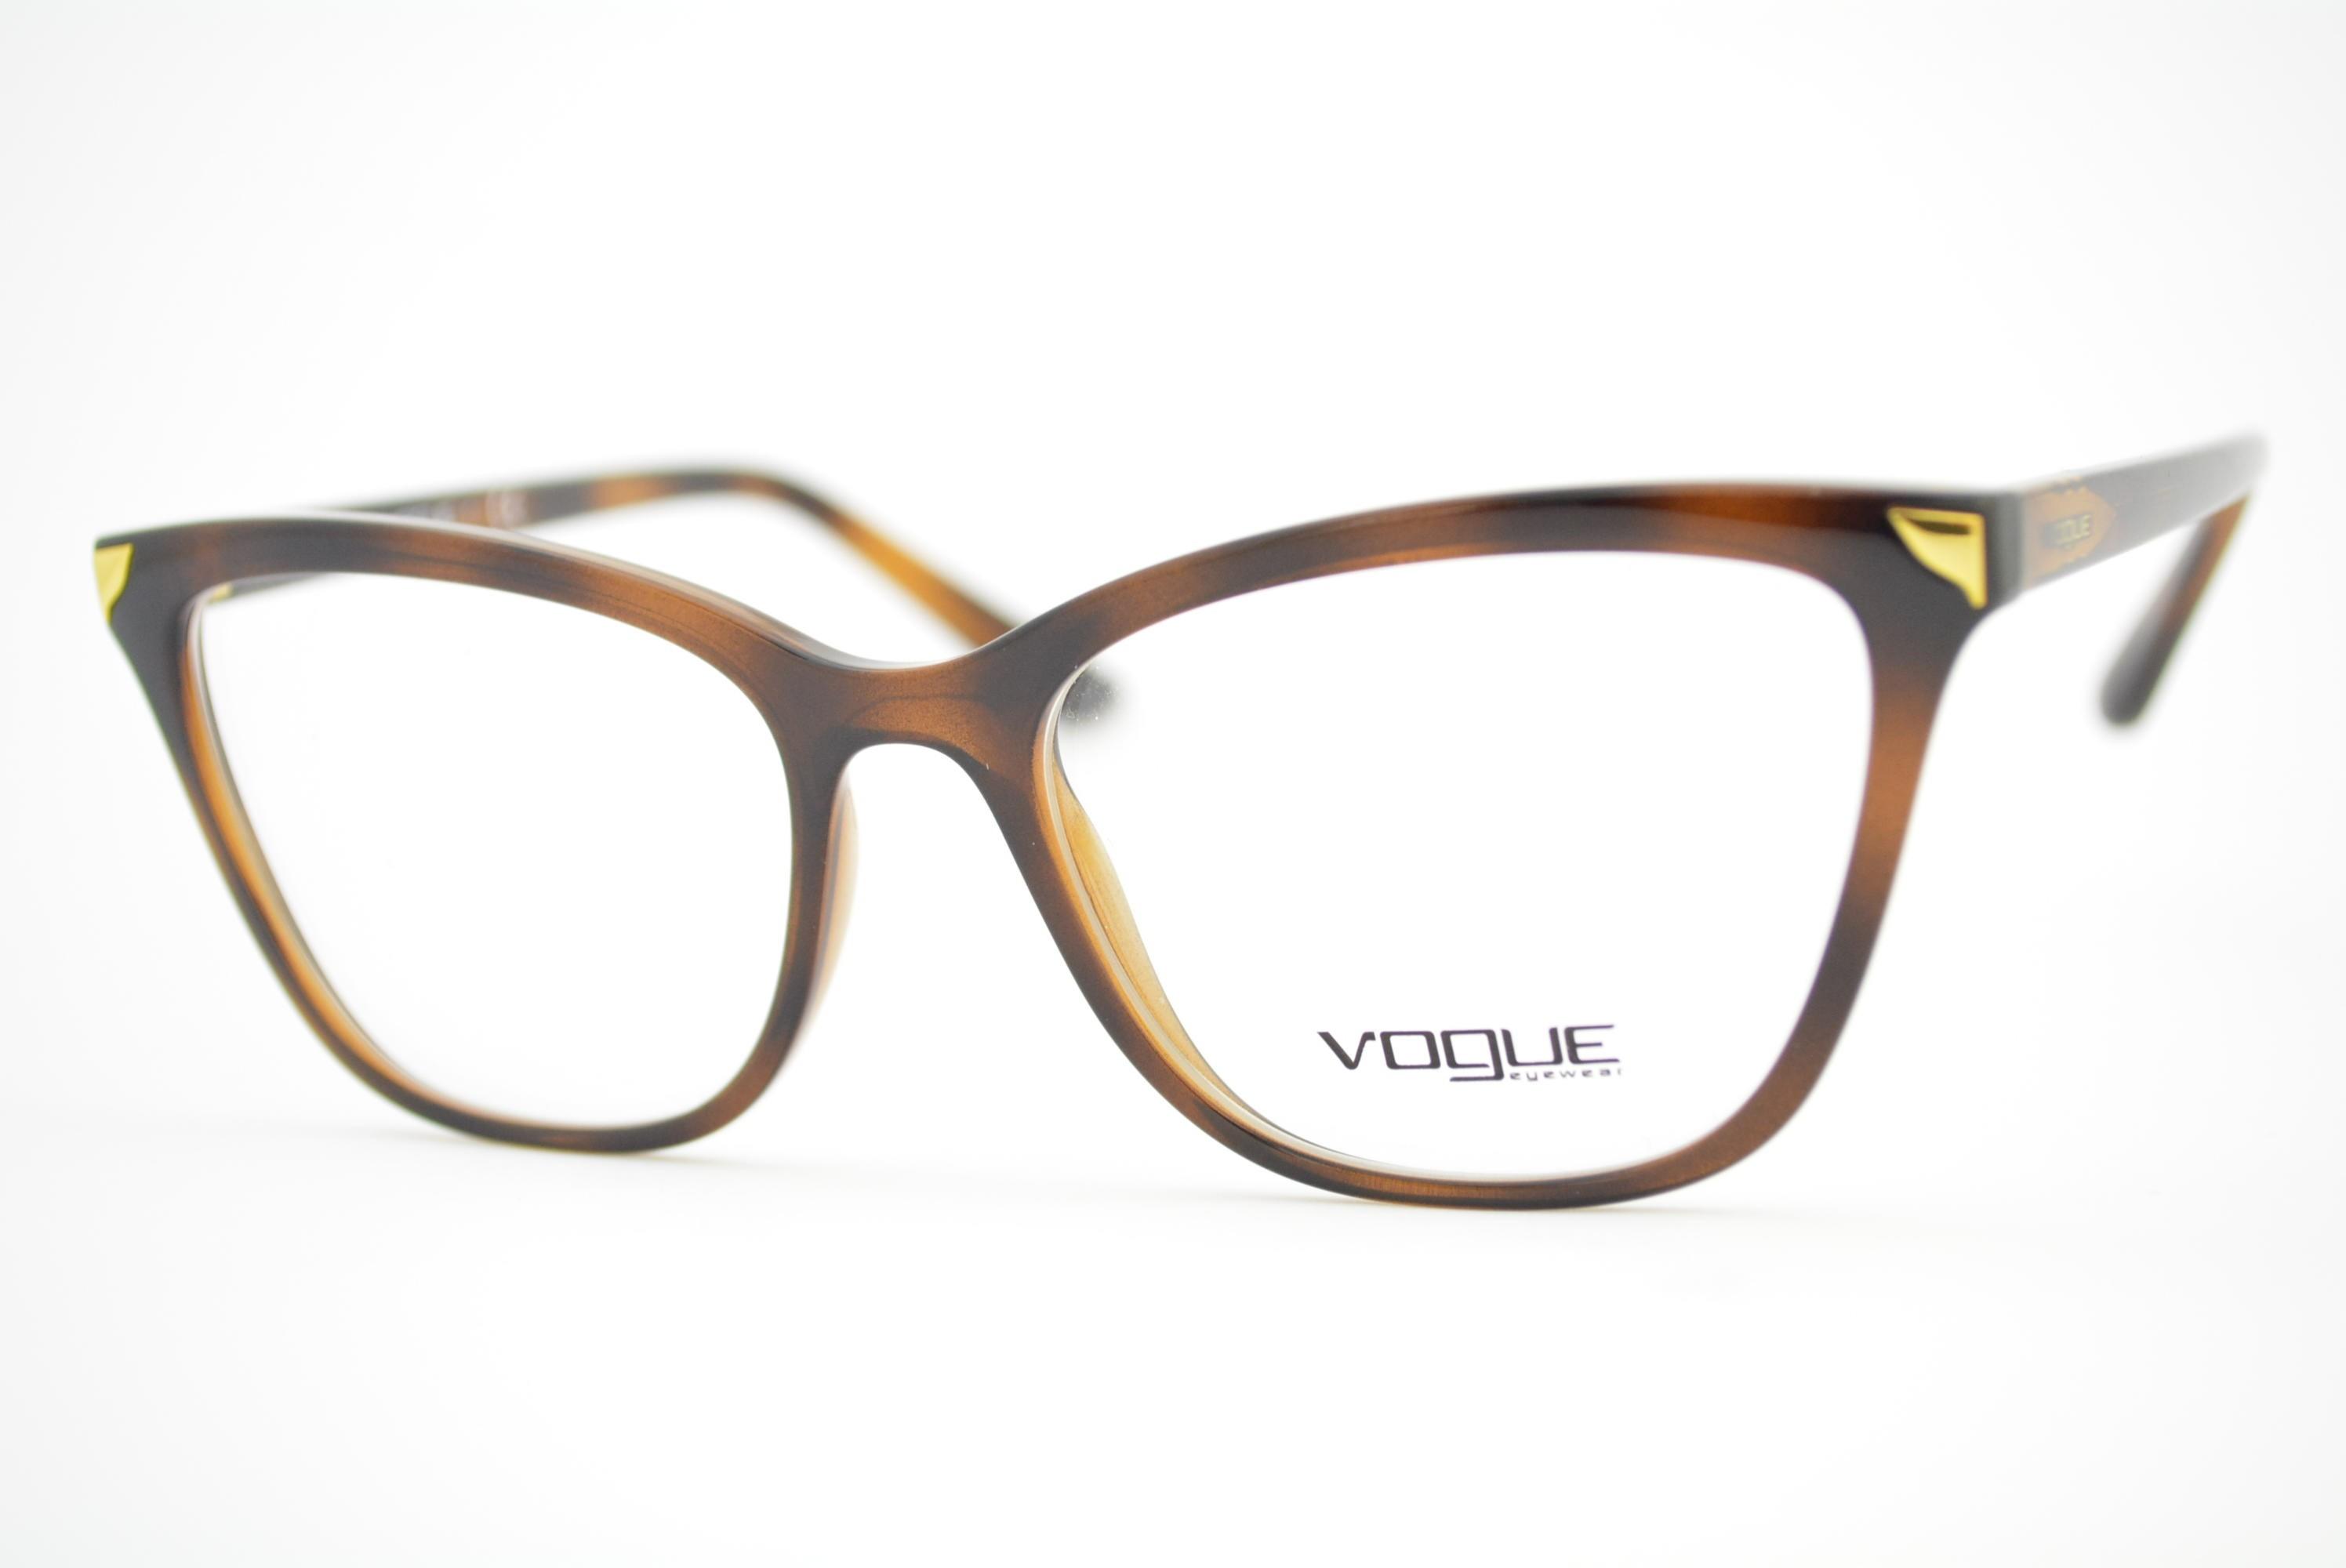 0480c158b2d6c armação de óculos Vogue mod vo5206 2386 Ótica Cardoso